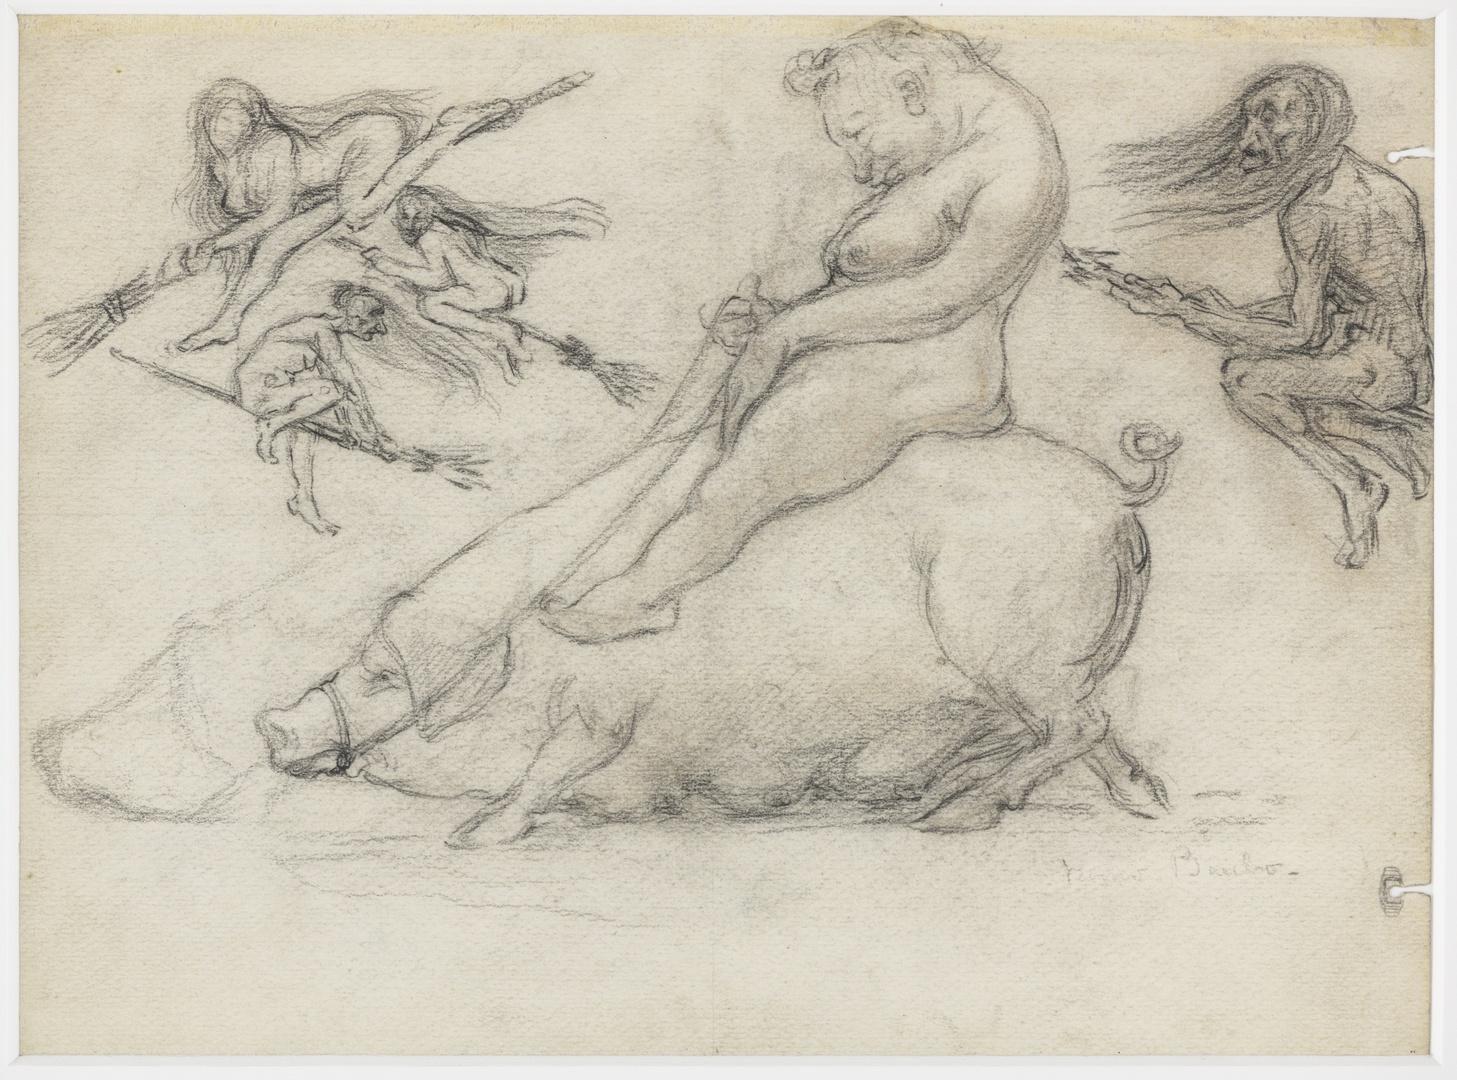 Figuur op zeug en figuren op bezemstelen, verso: studie vrouw en kinderen.